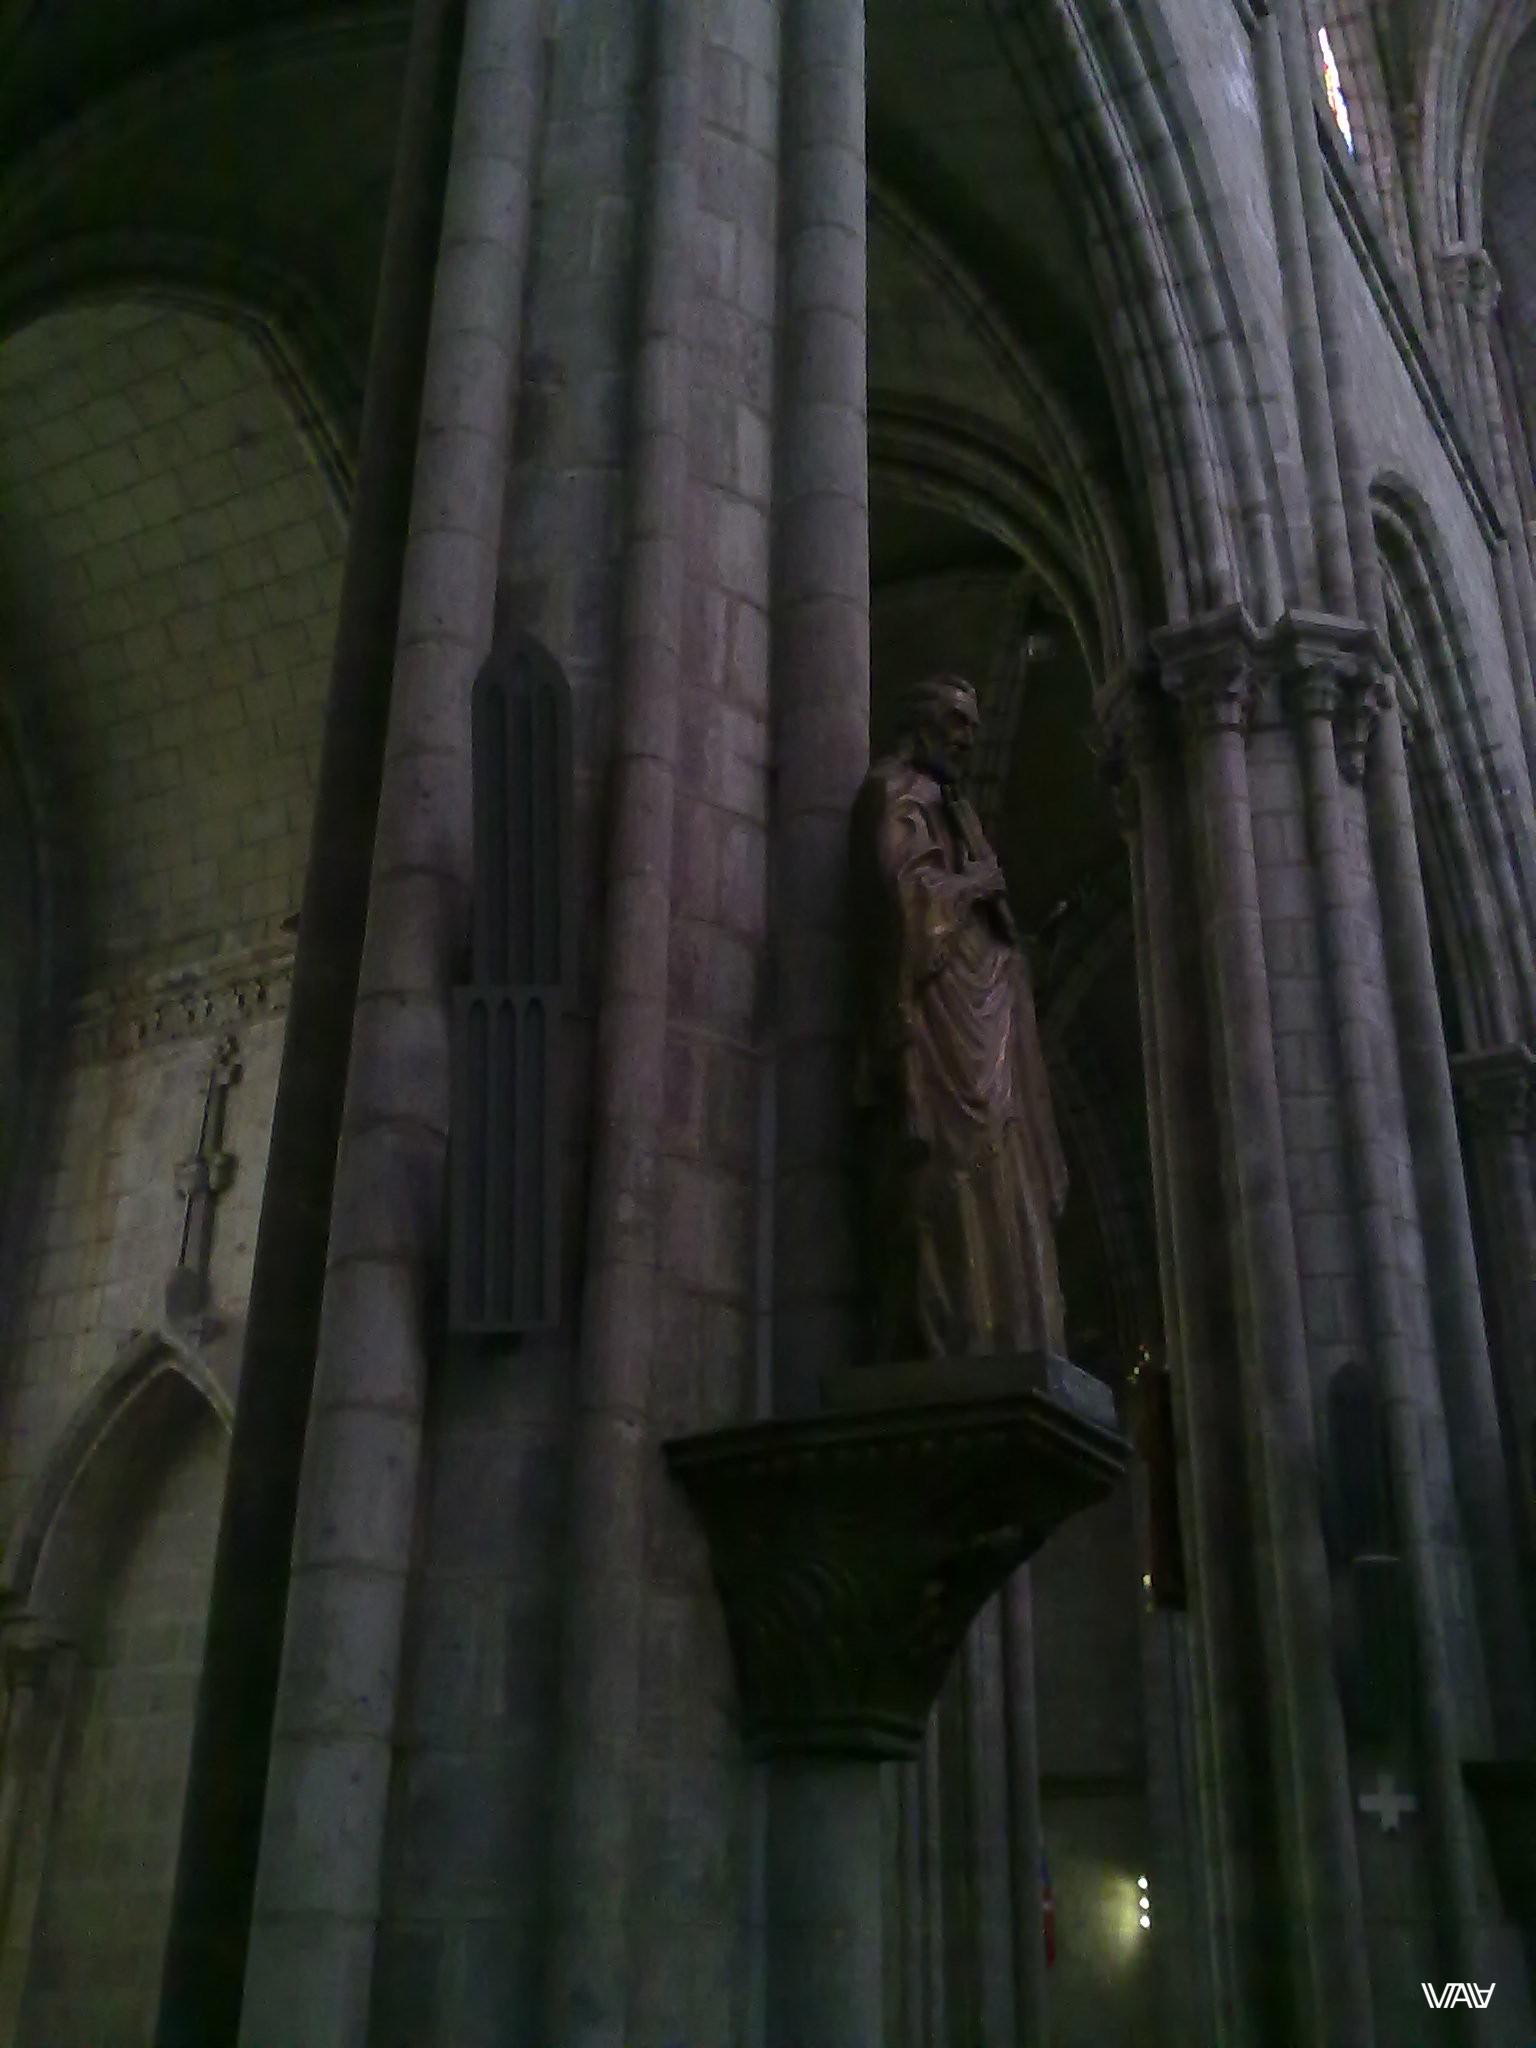 Не менее детализировано сделаны скульптуры в Базилике дель Вото Насьеналь. Кито, Эквадор